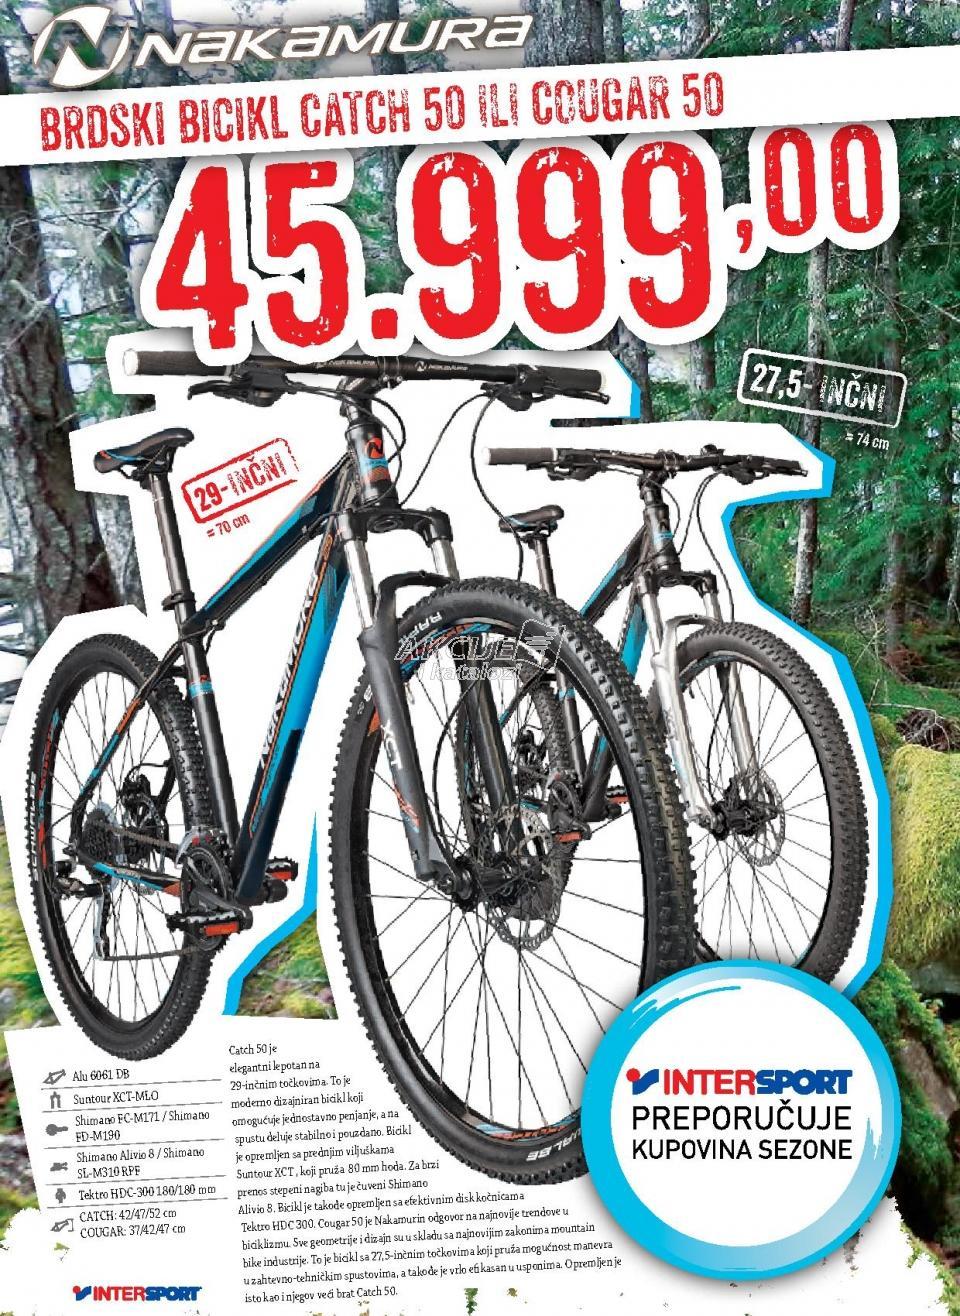 Brdski bicikl Catch 50